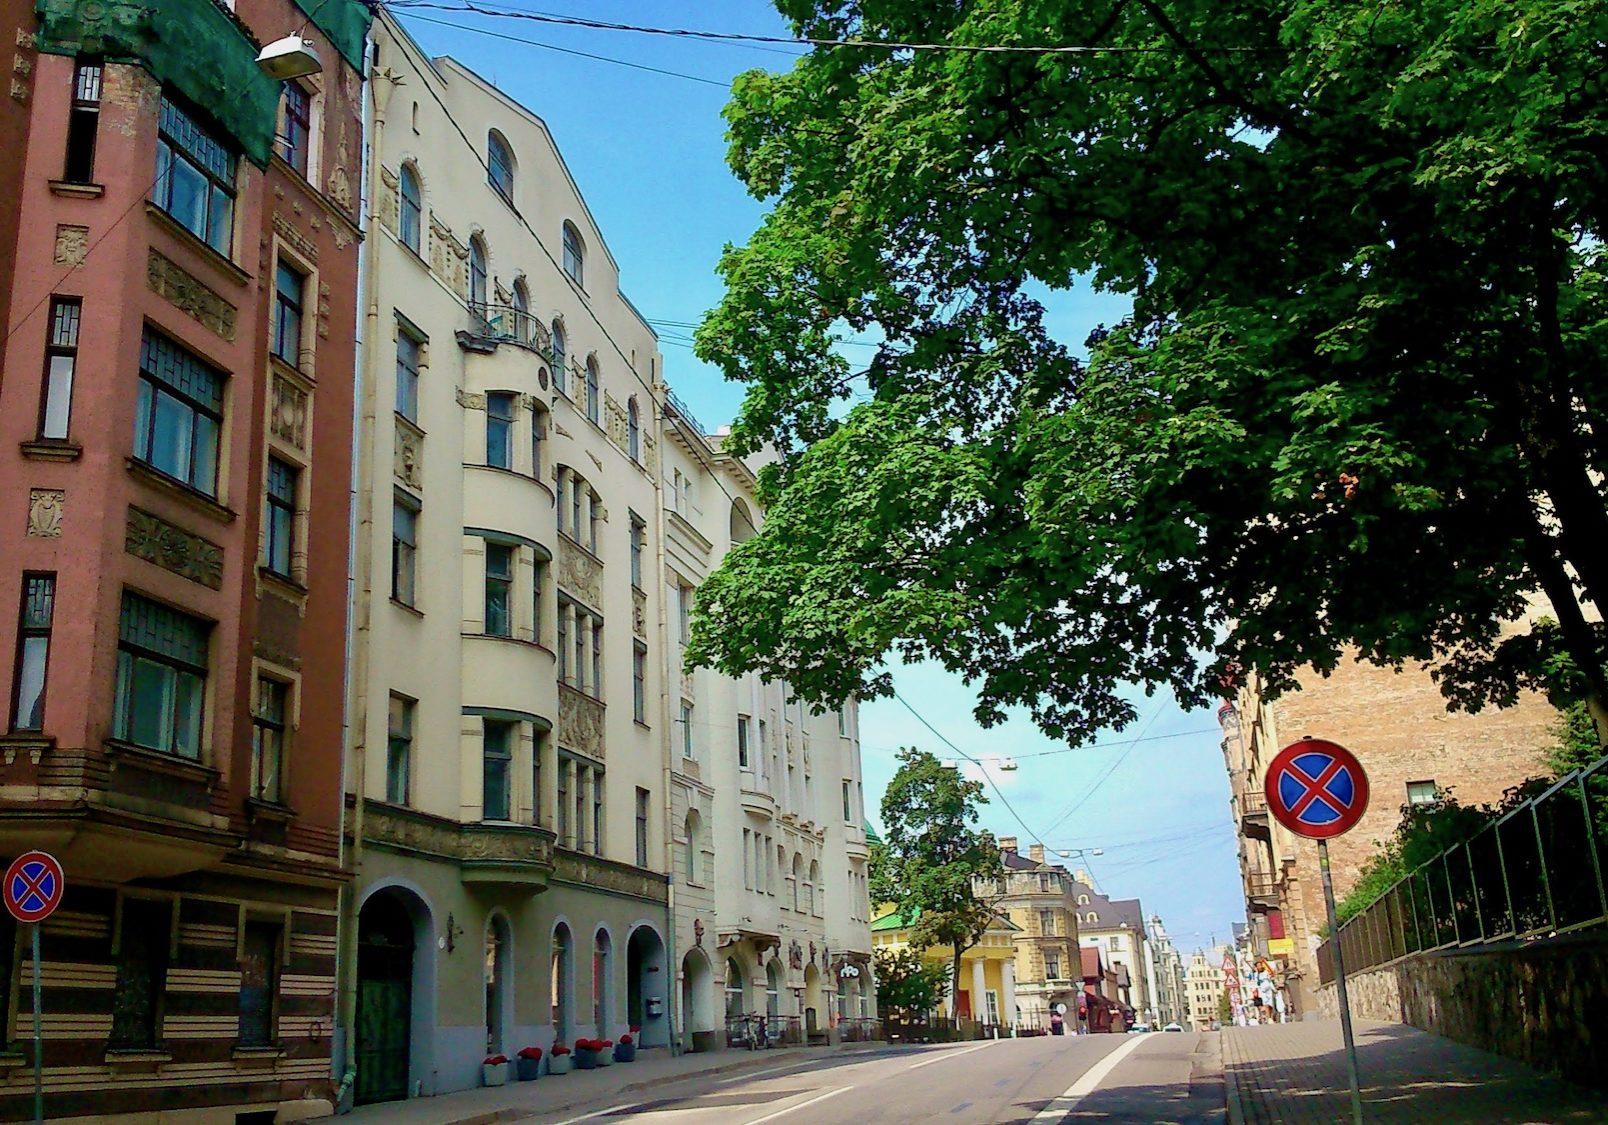 Residential buildings on Lacplesa Street